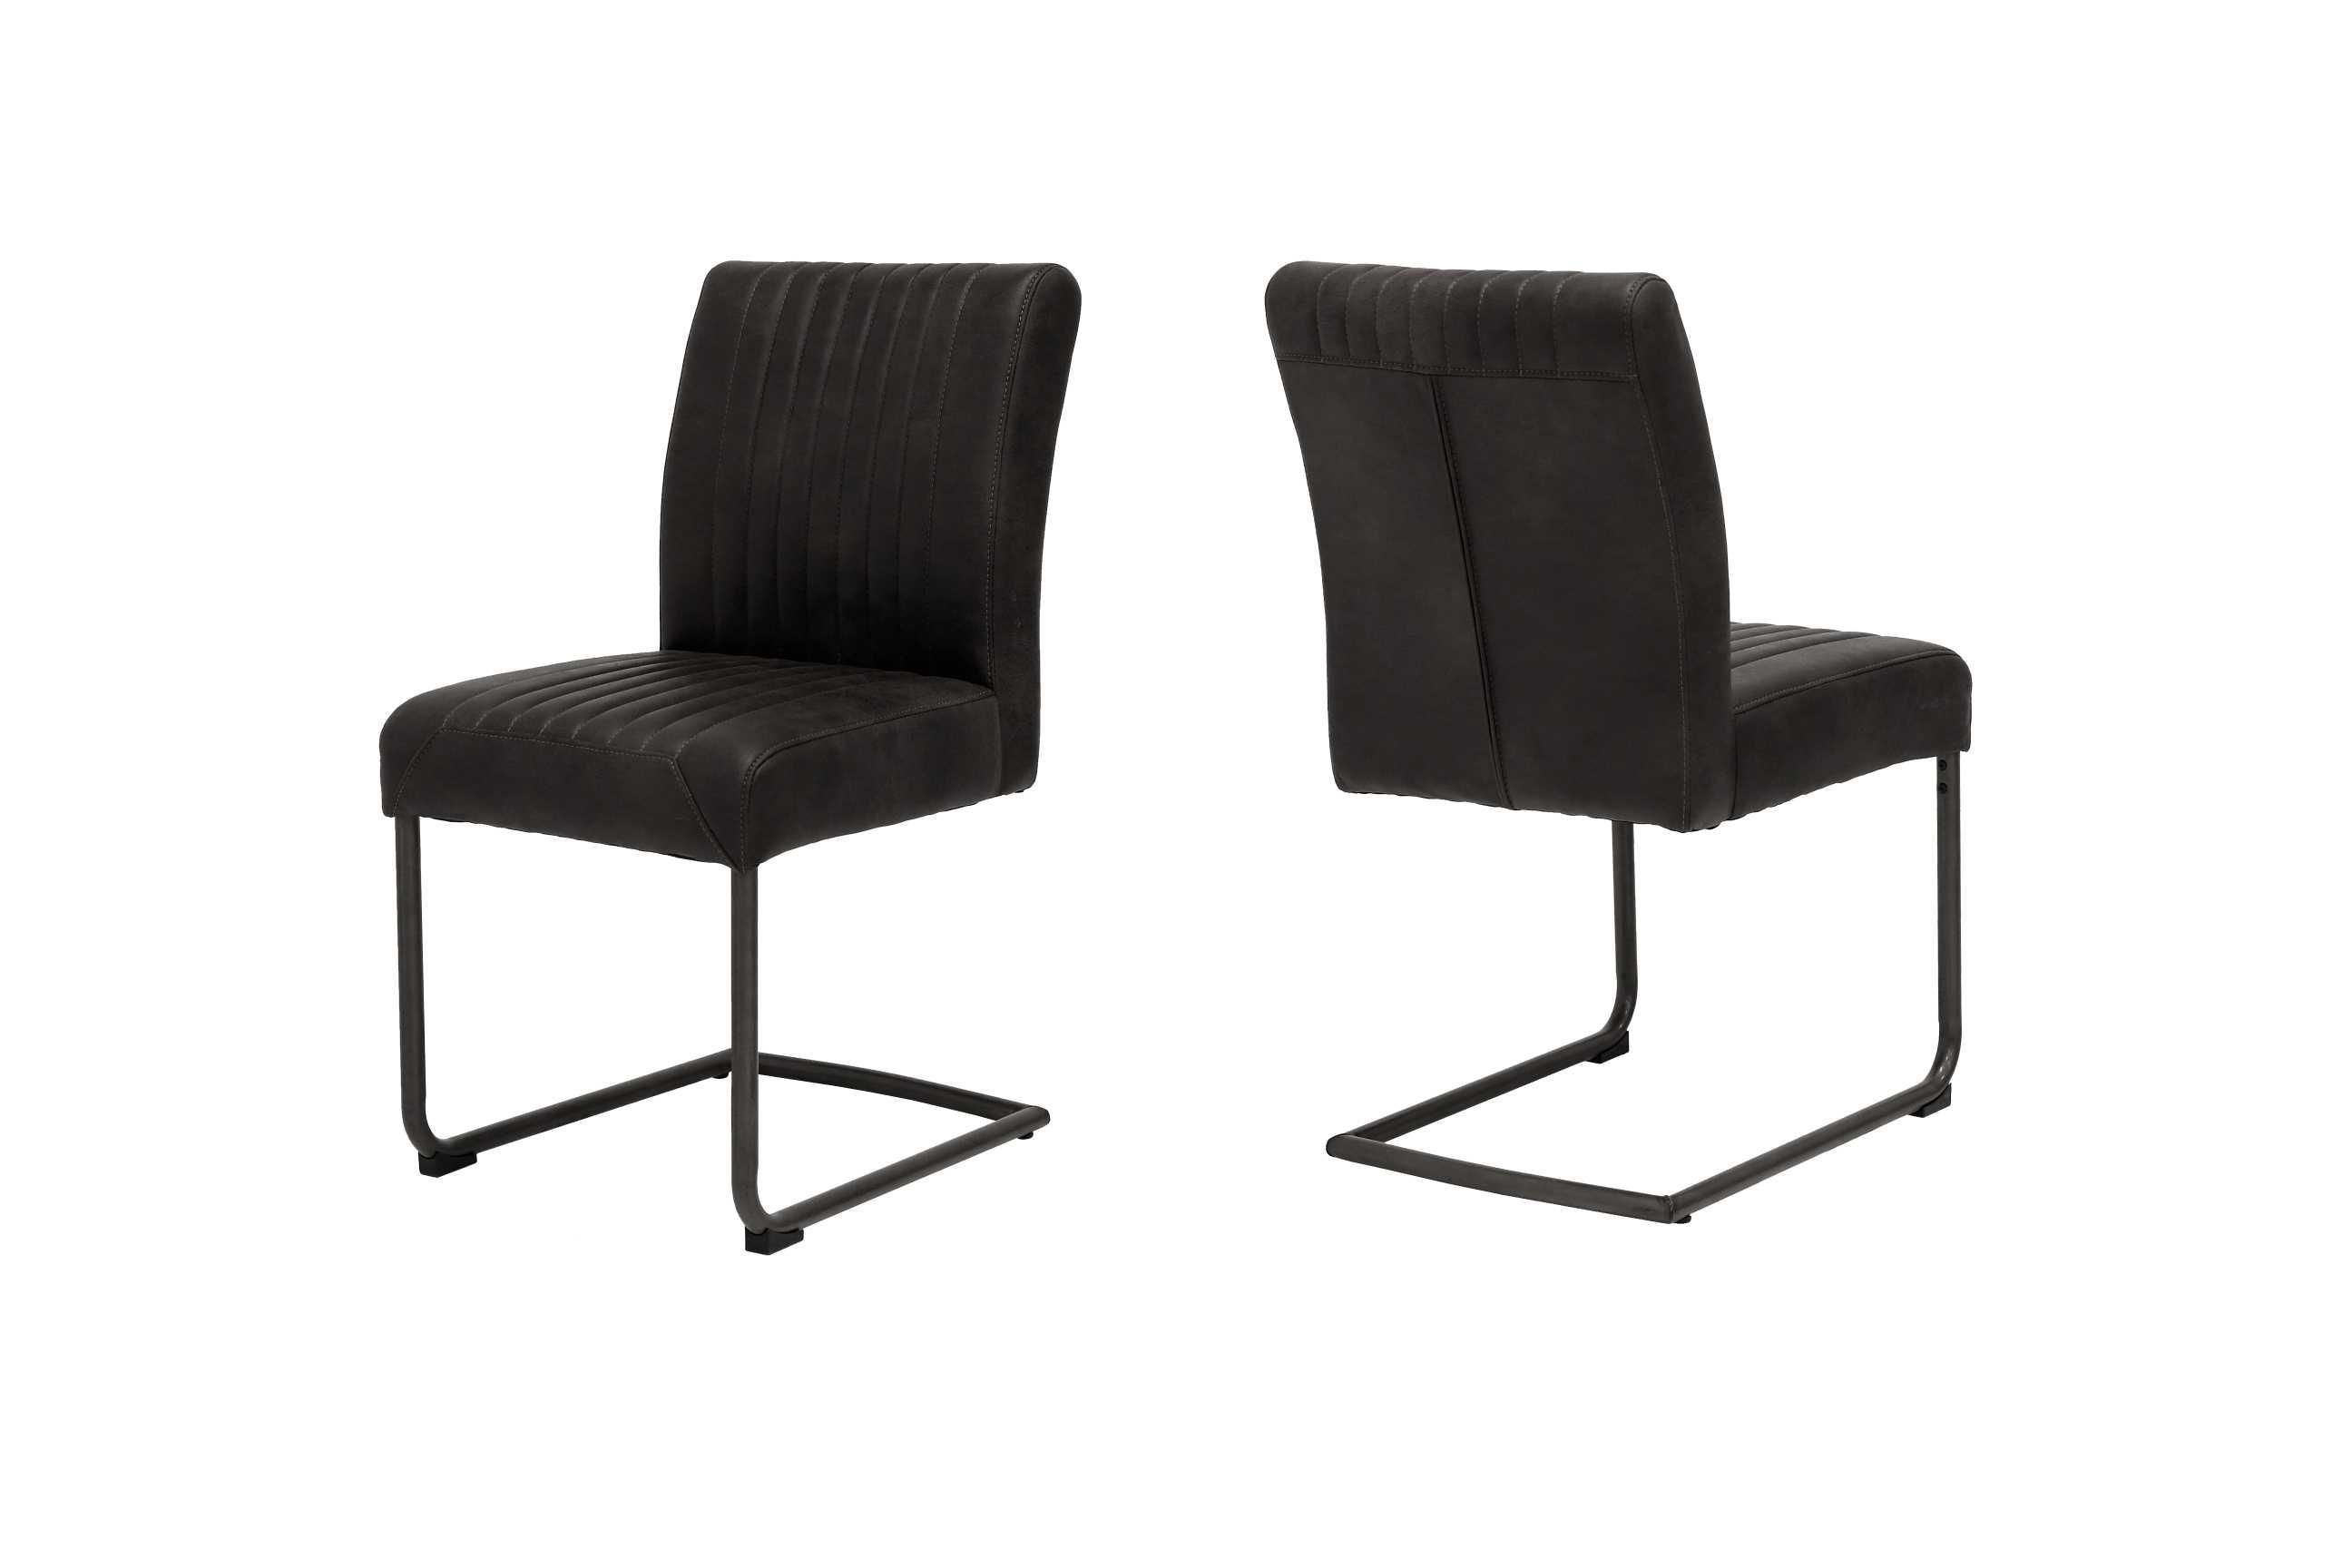 Canett pitou spisebordsstol - sort patineret læderlook og sort metal fra canett på boboonline.dk